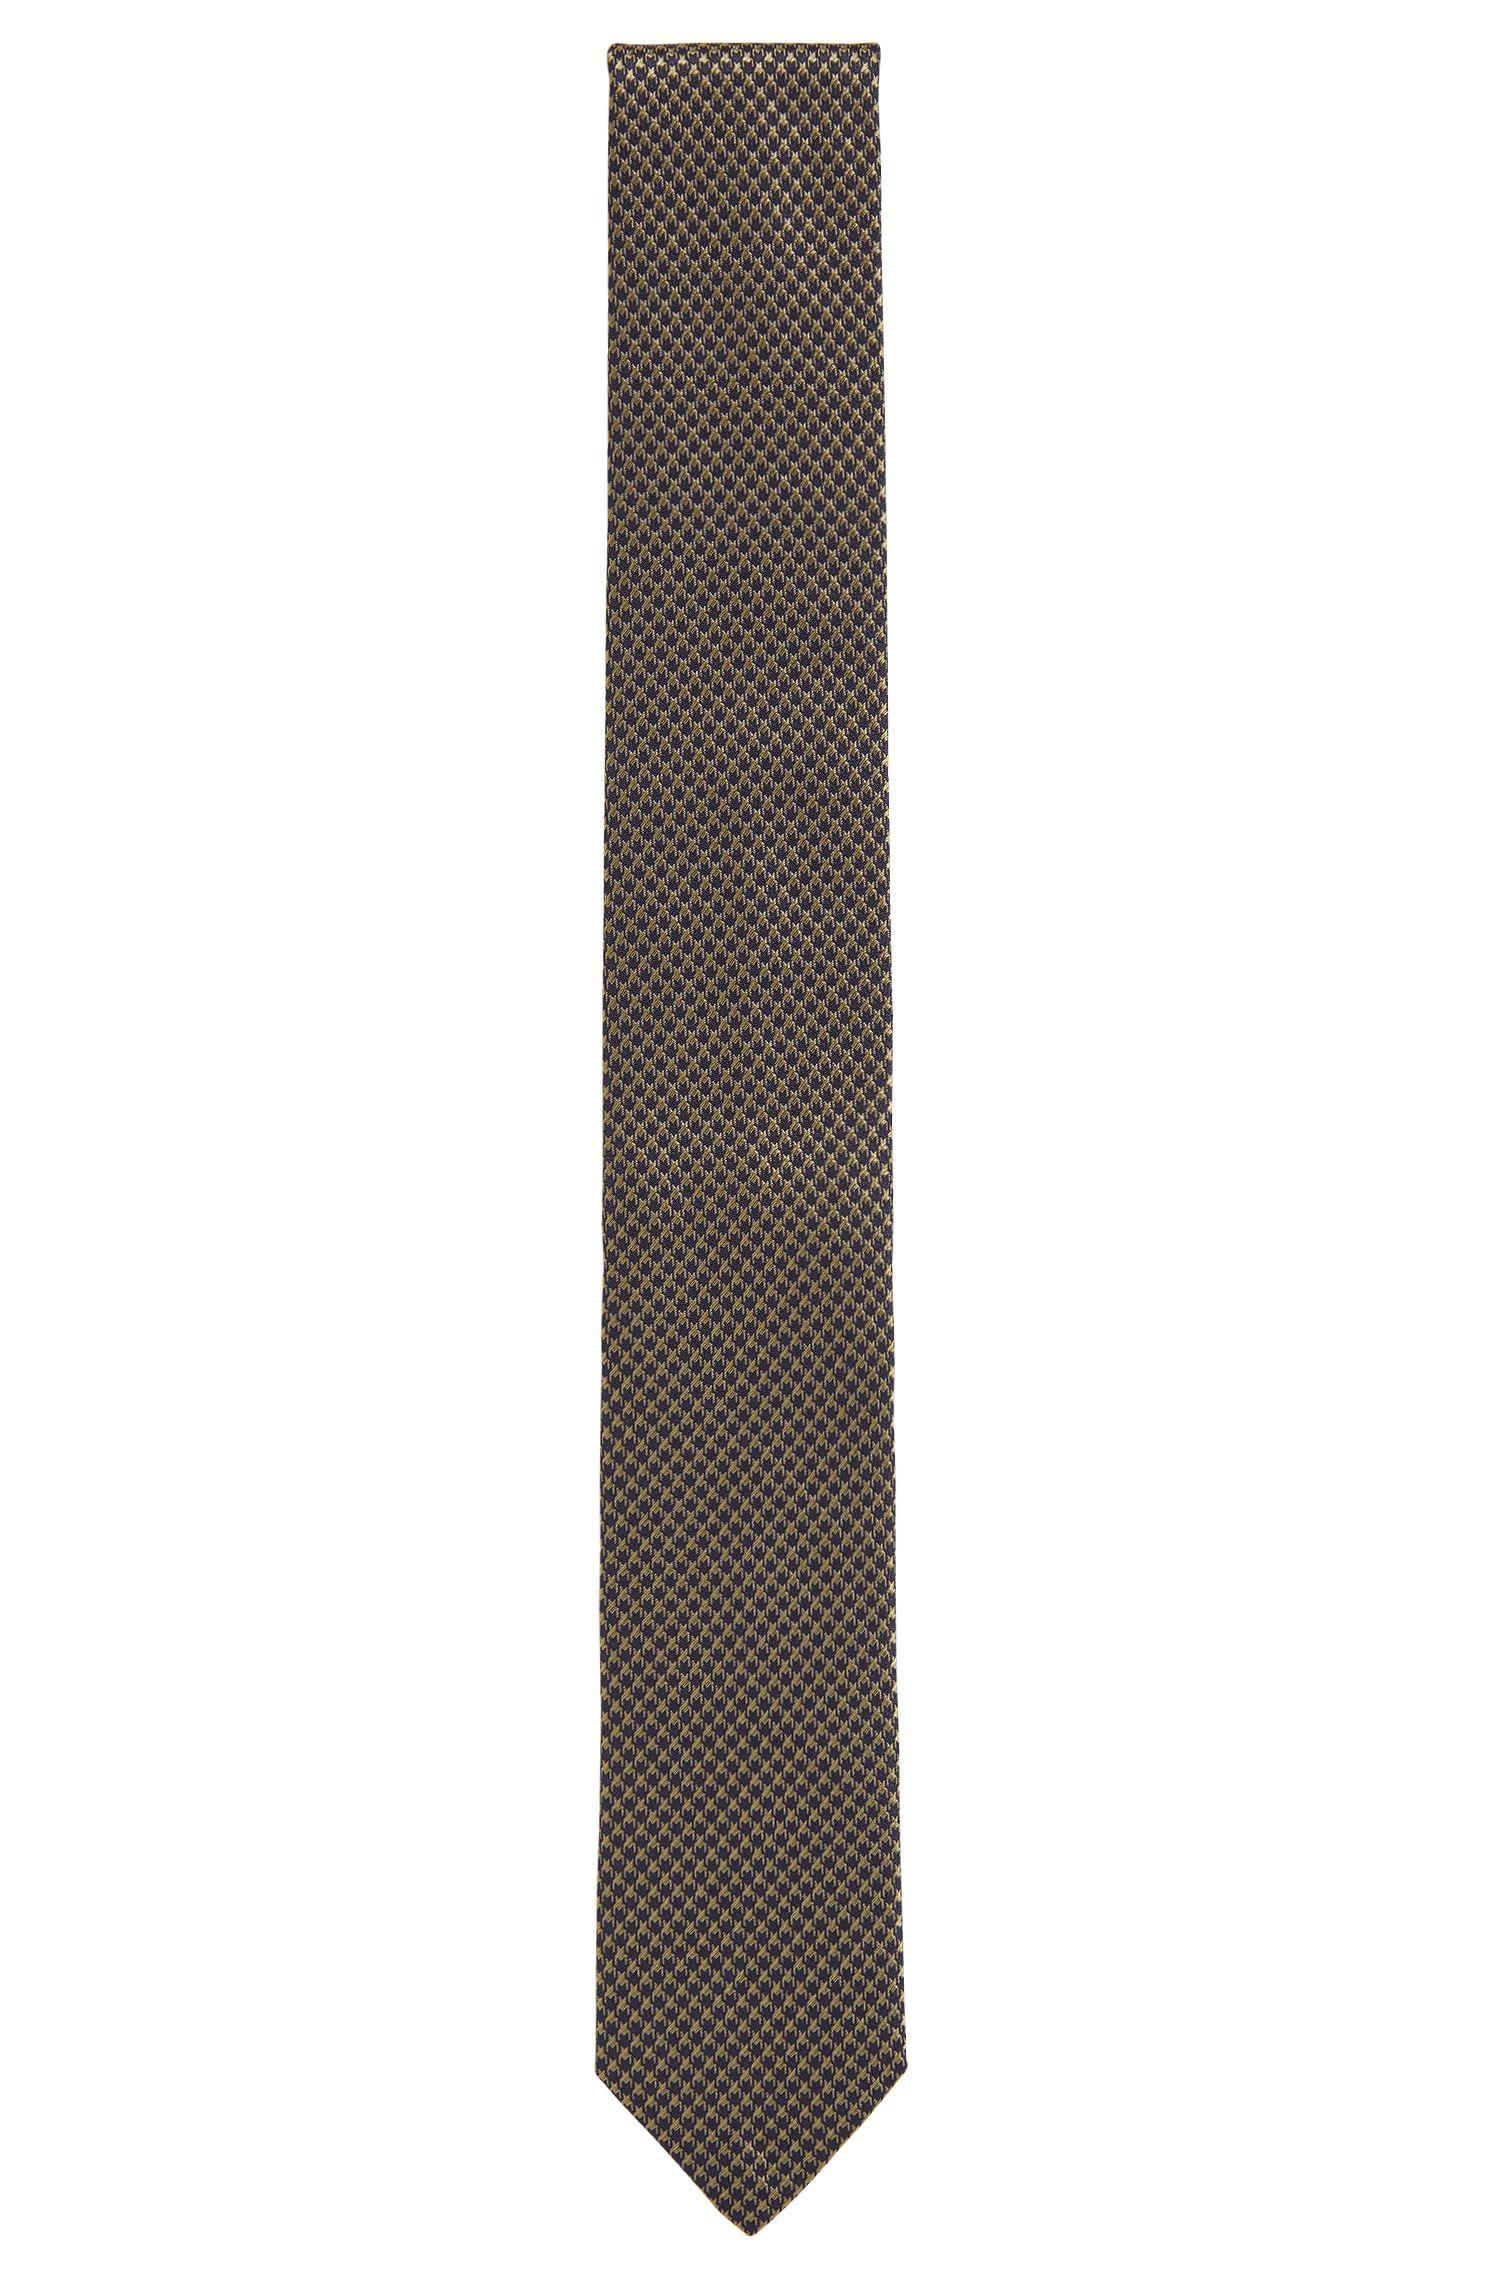 Cravatta in pura seta a disegni